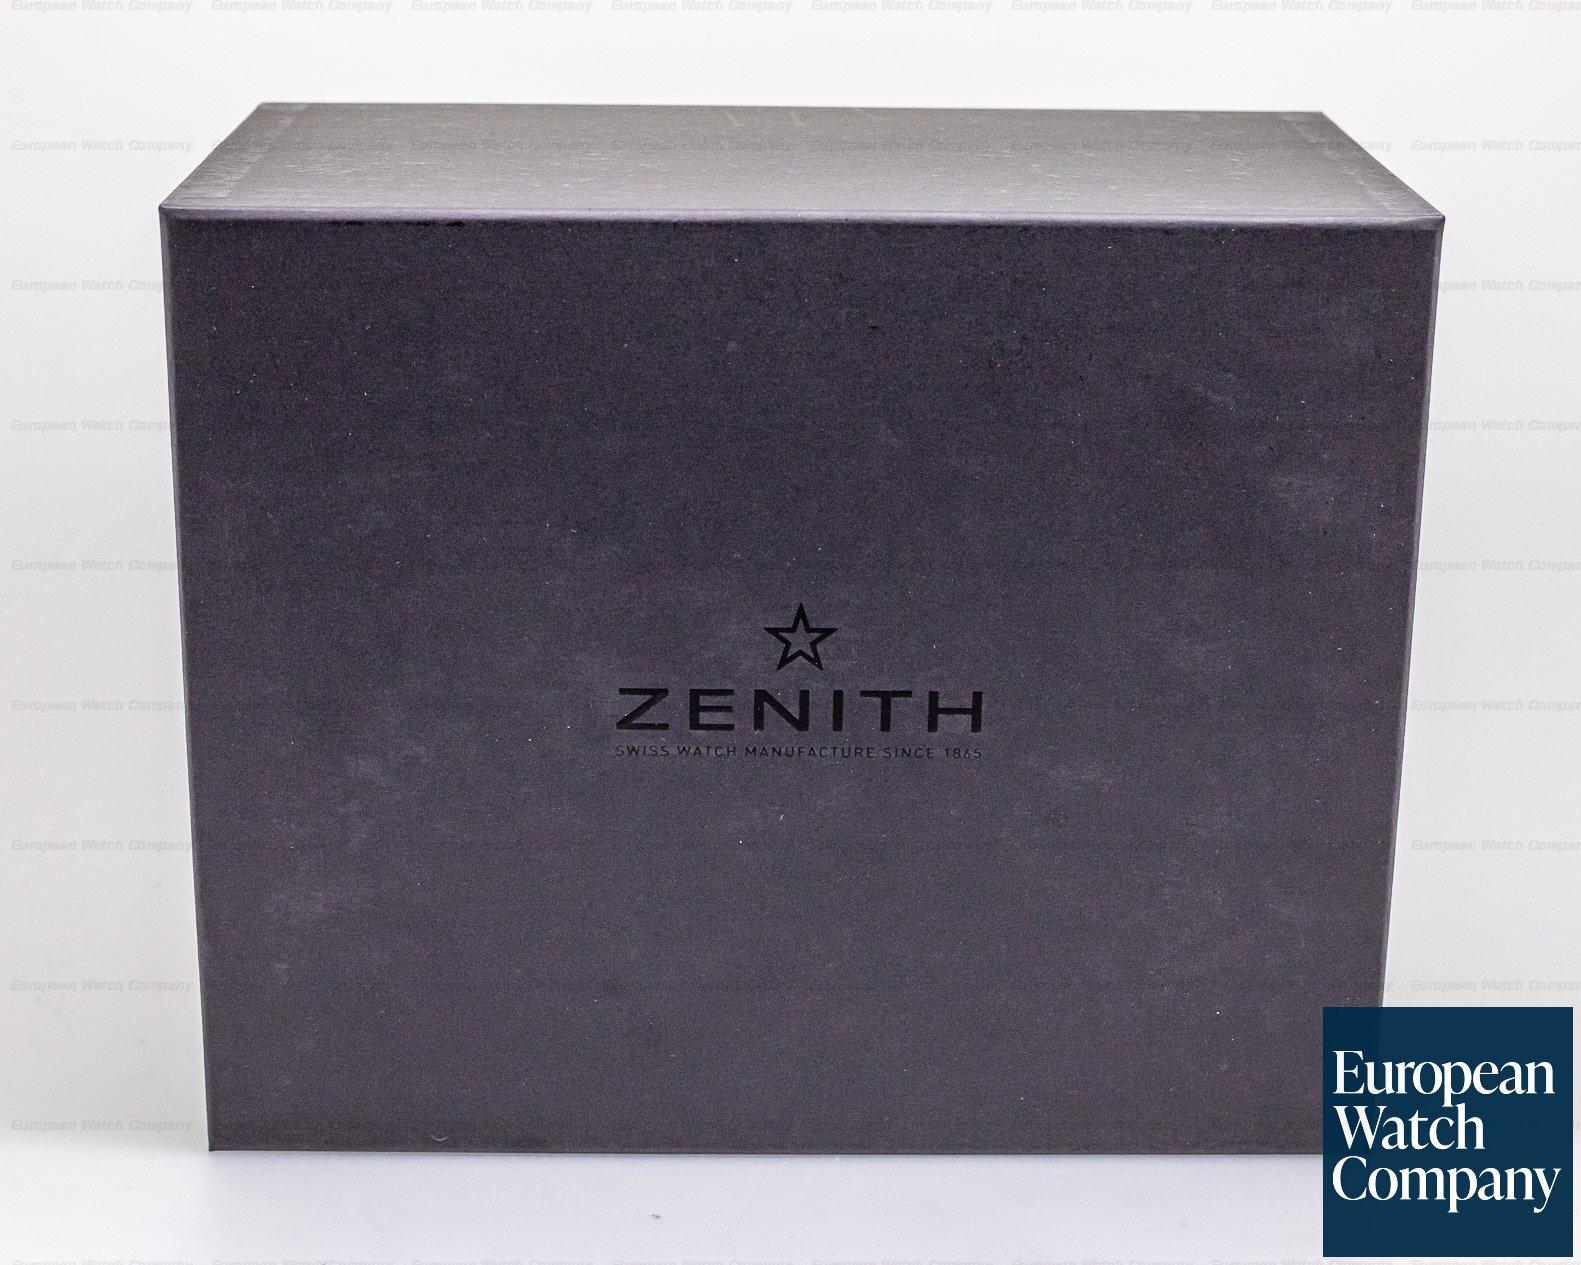 Zenith 95.9005.9004/01.M9000 Defy El Primero 21 Titanium